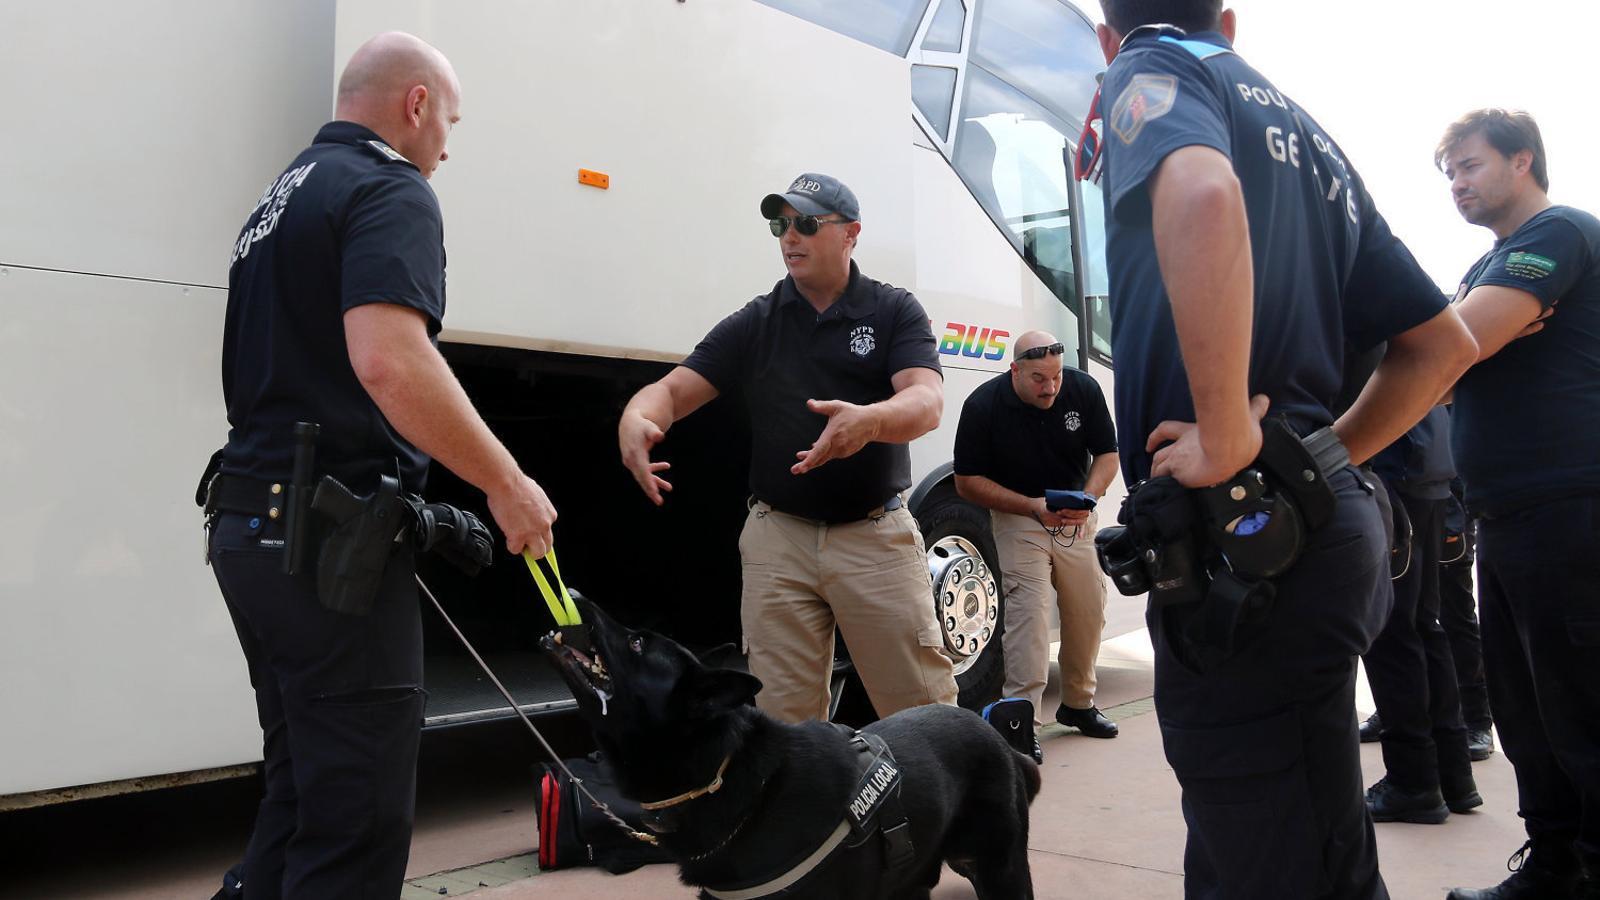 Els gossos antidroga entren a  La classe d'un institut de Girona